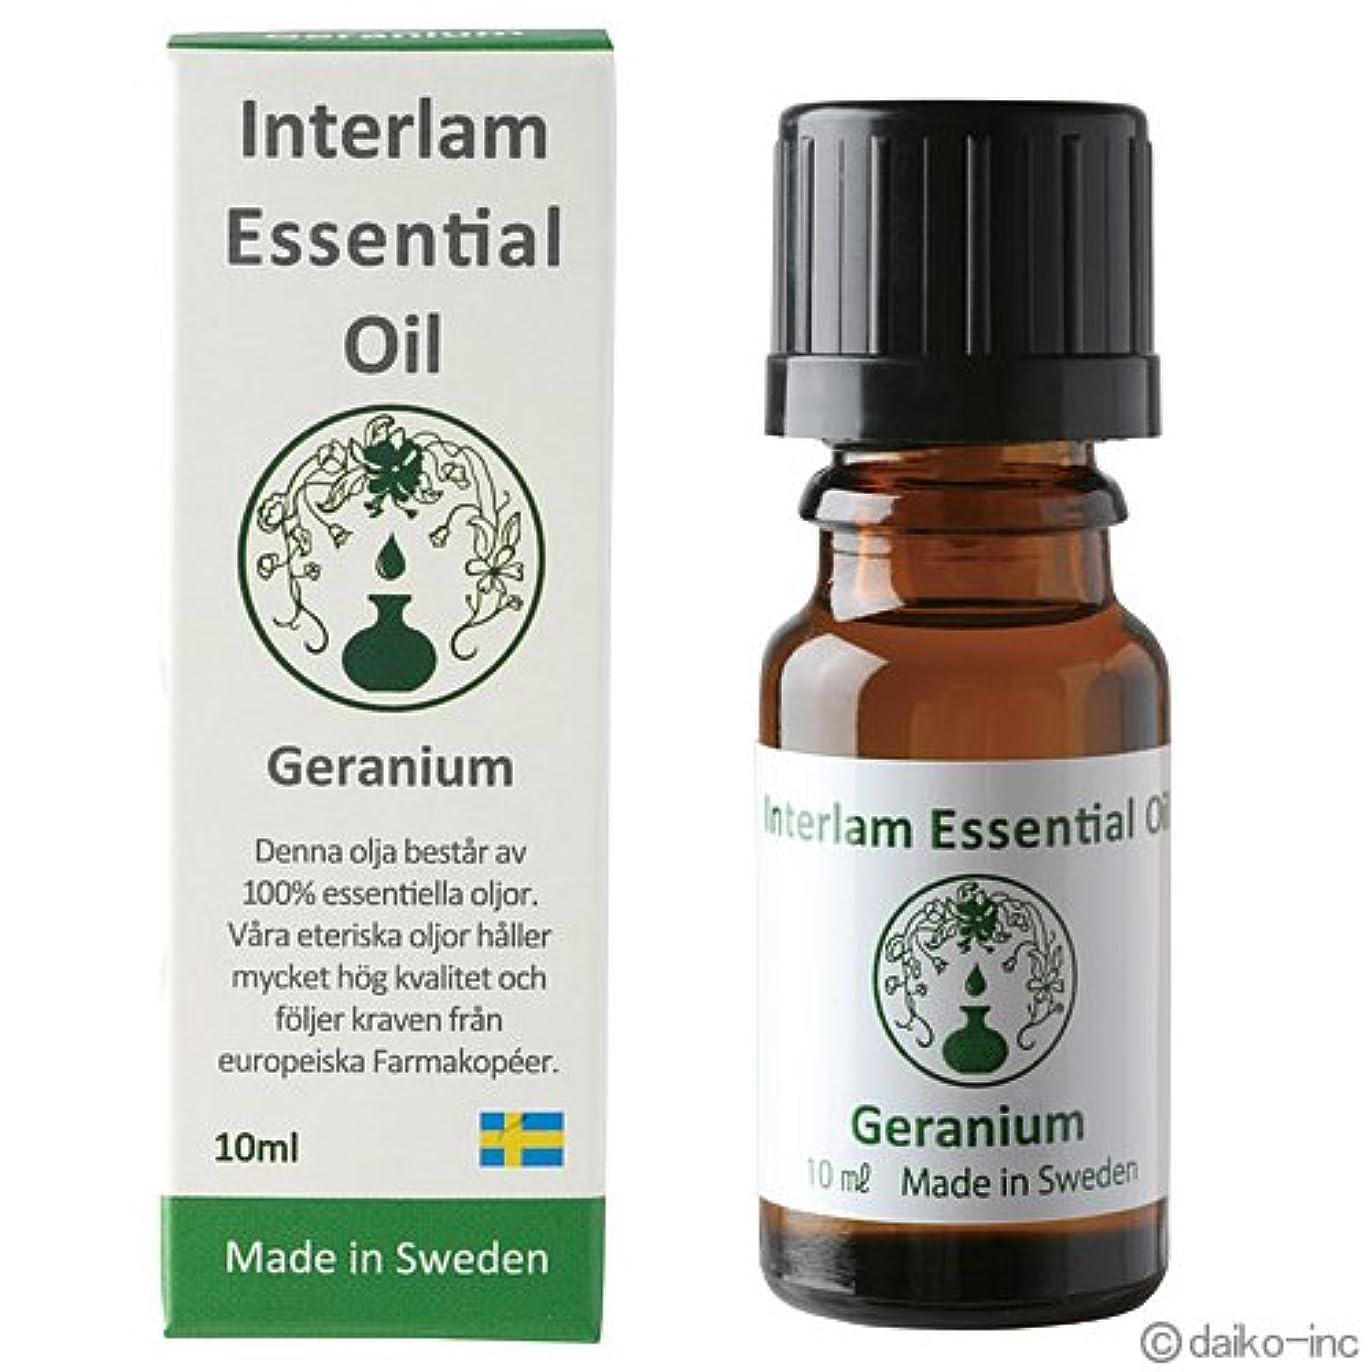 属するやりすぎ割るInterlam Essential Oil ゼラニウム 10ml